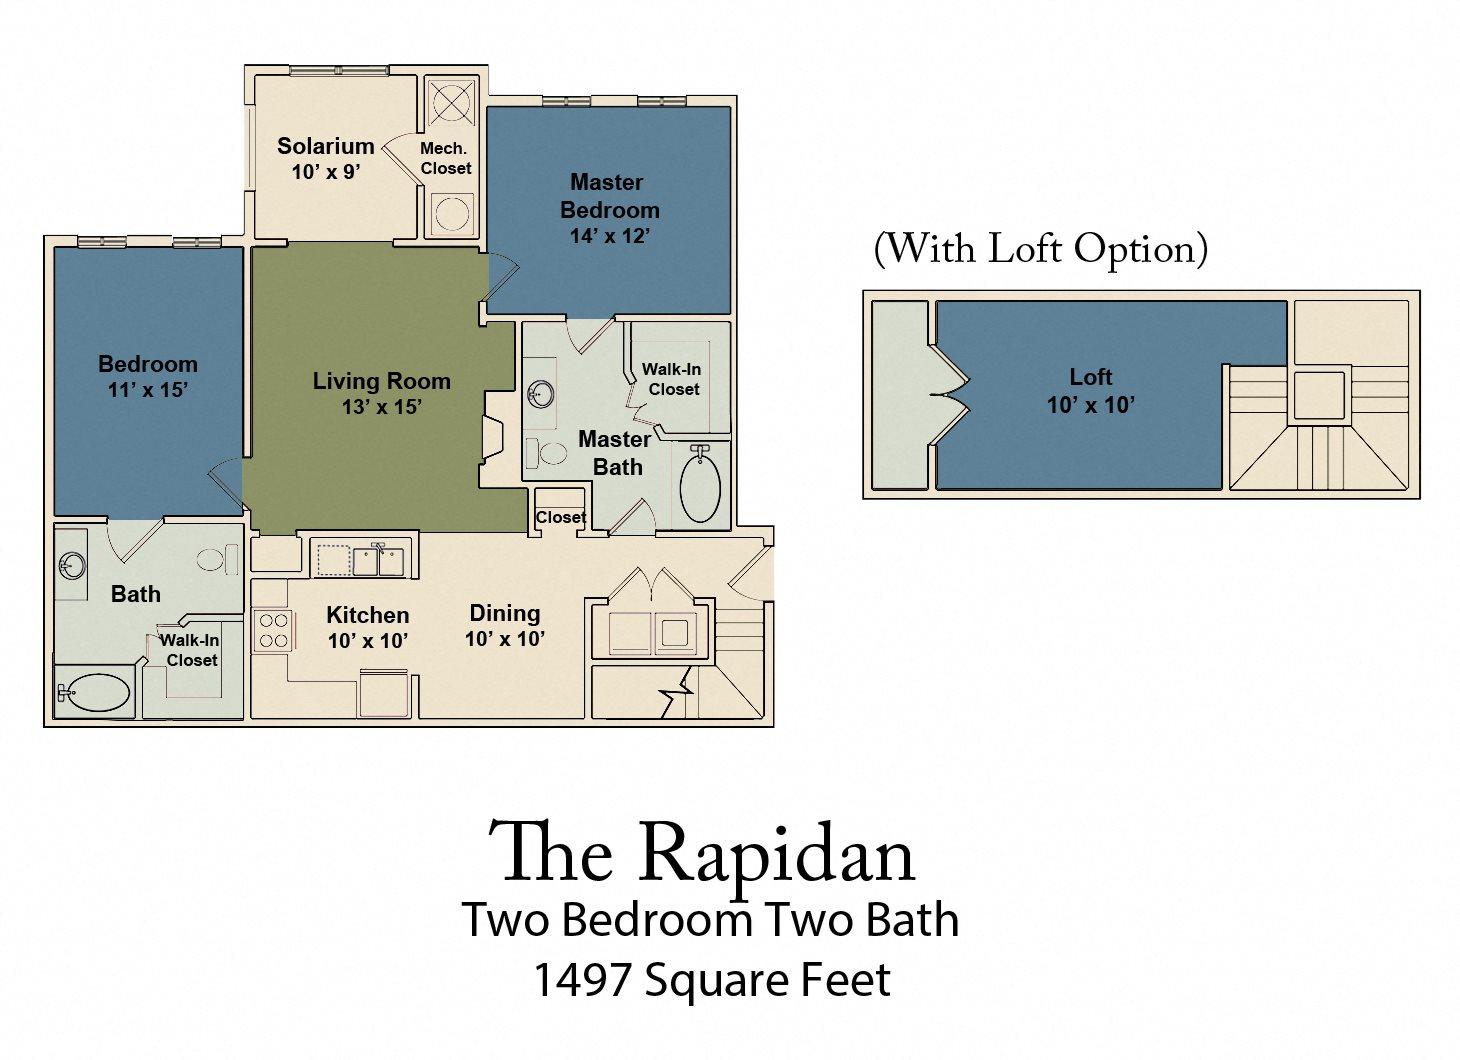 The Rapidan Floor Plan 3